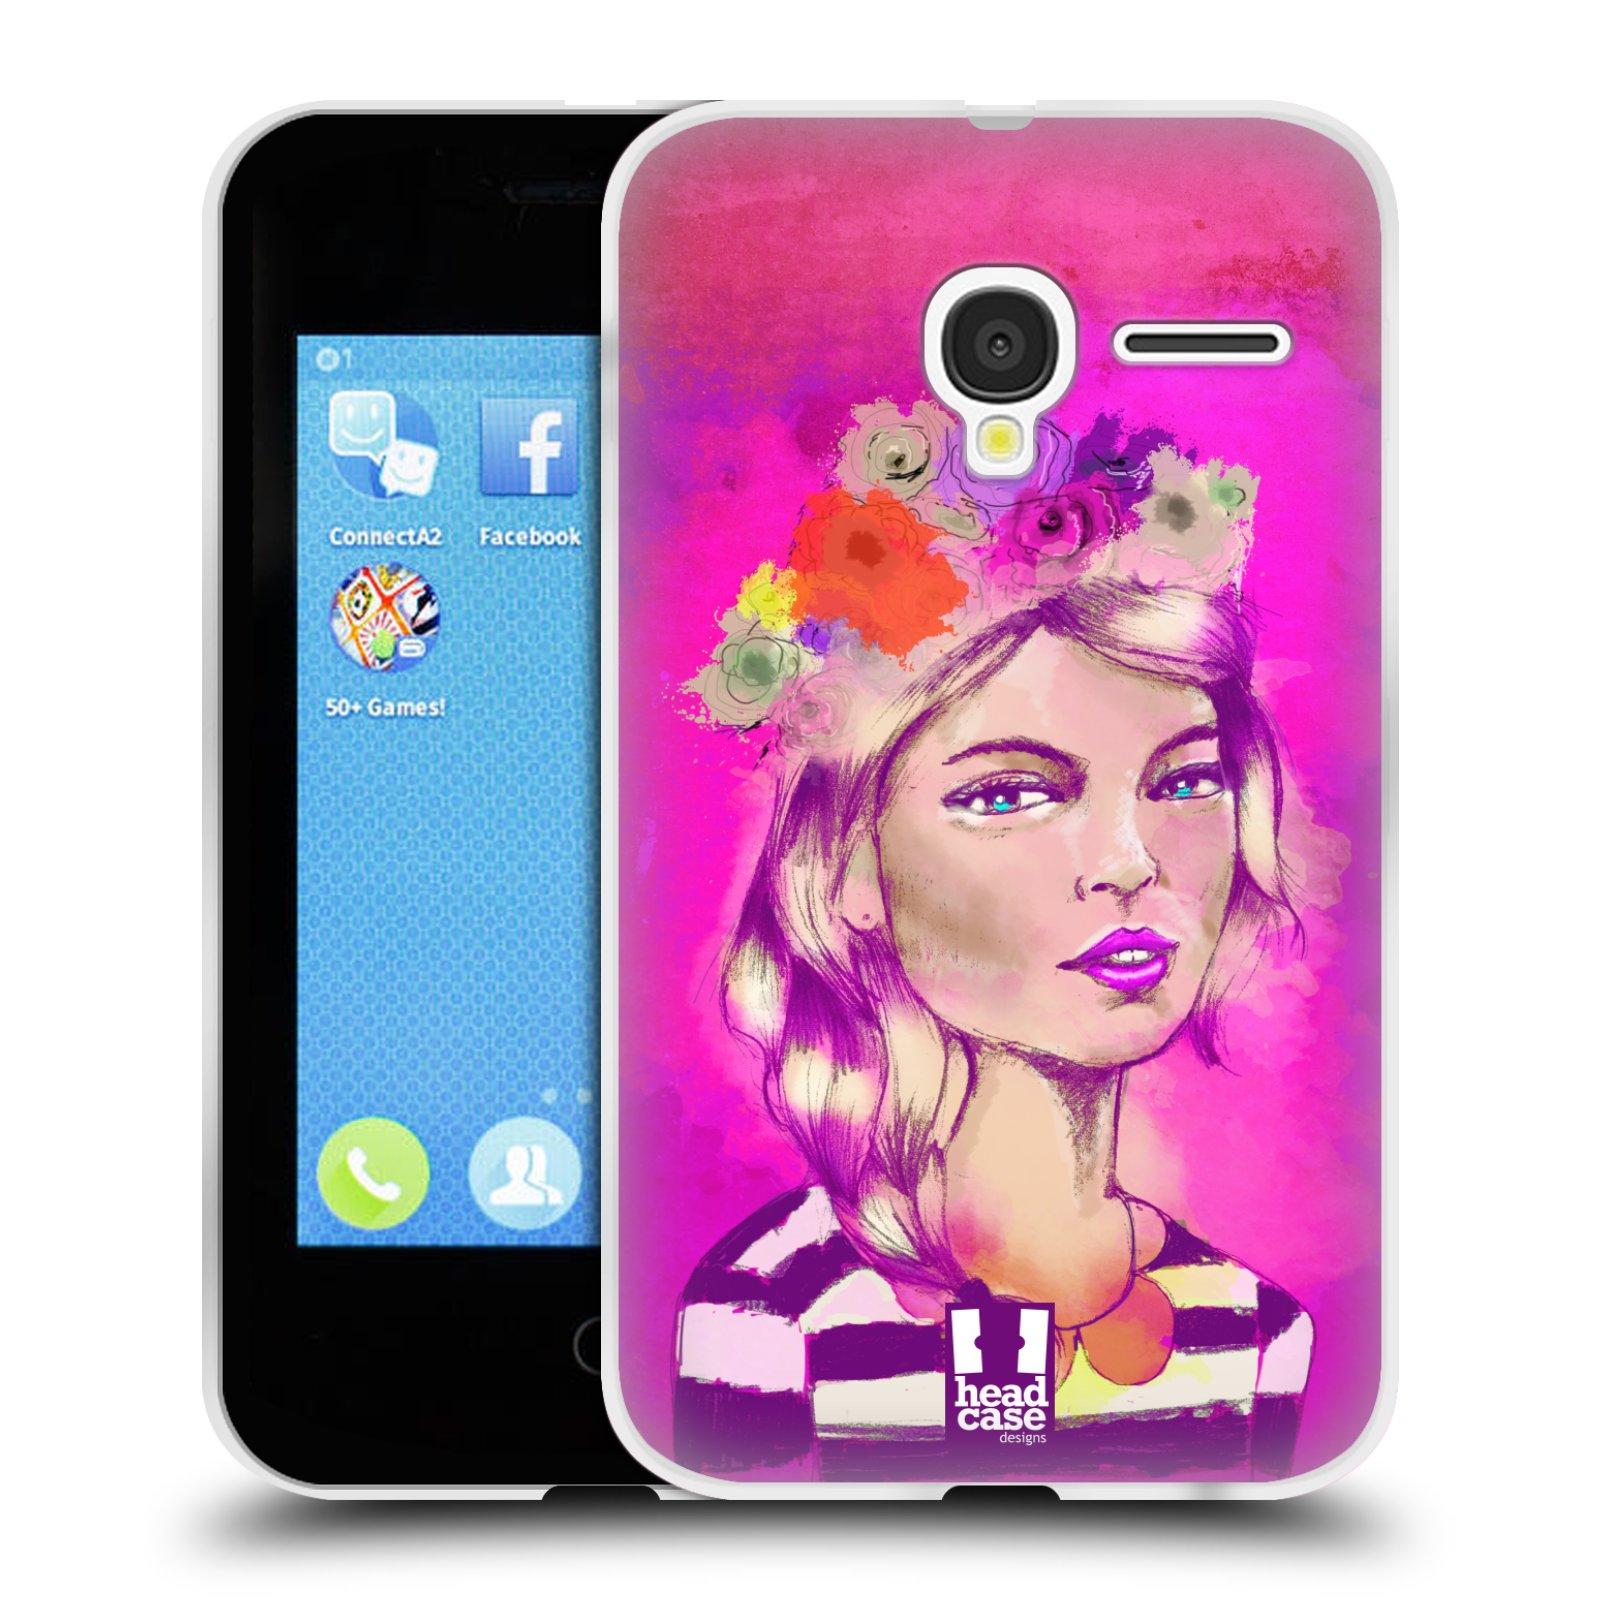 HEAD CASE silikonový obal na mobil Alcatel PIXI 3 OT-4022D (3,5 palcový displej) vzor Dívka dlouhé květinové vlasy OKOUZLUJÍCÍ